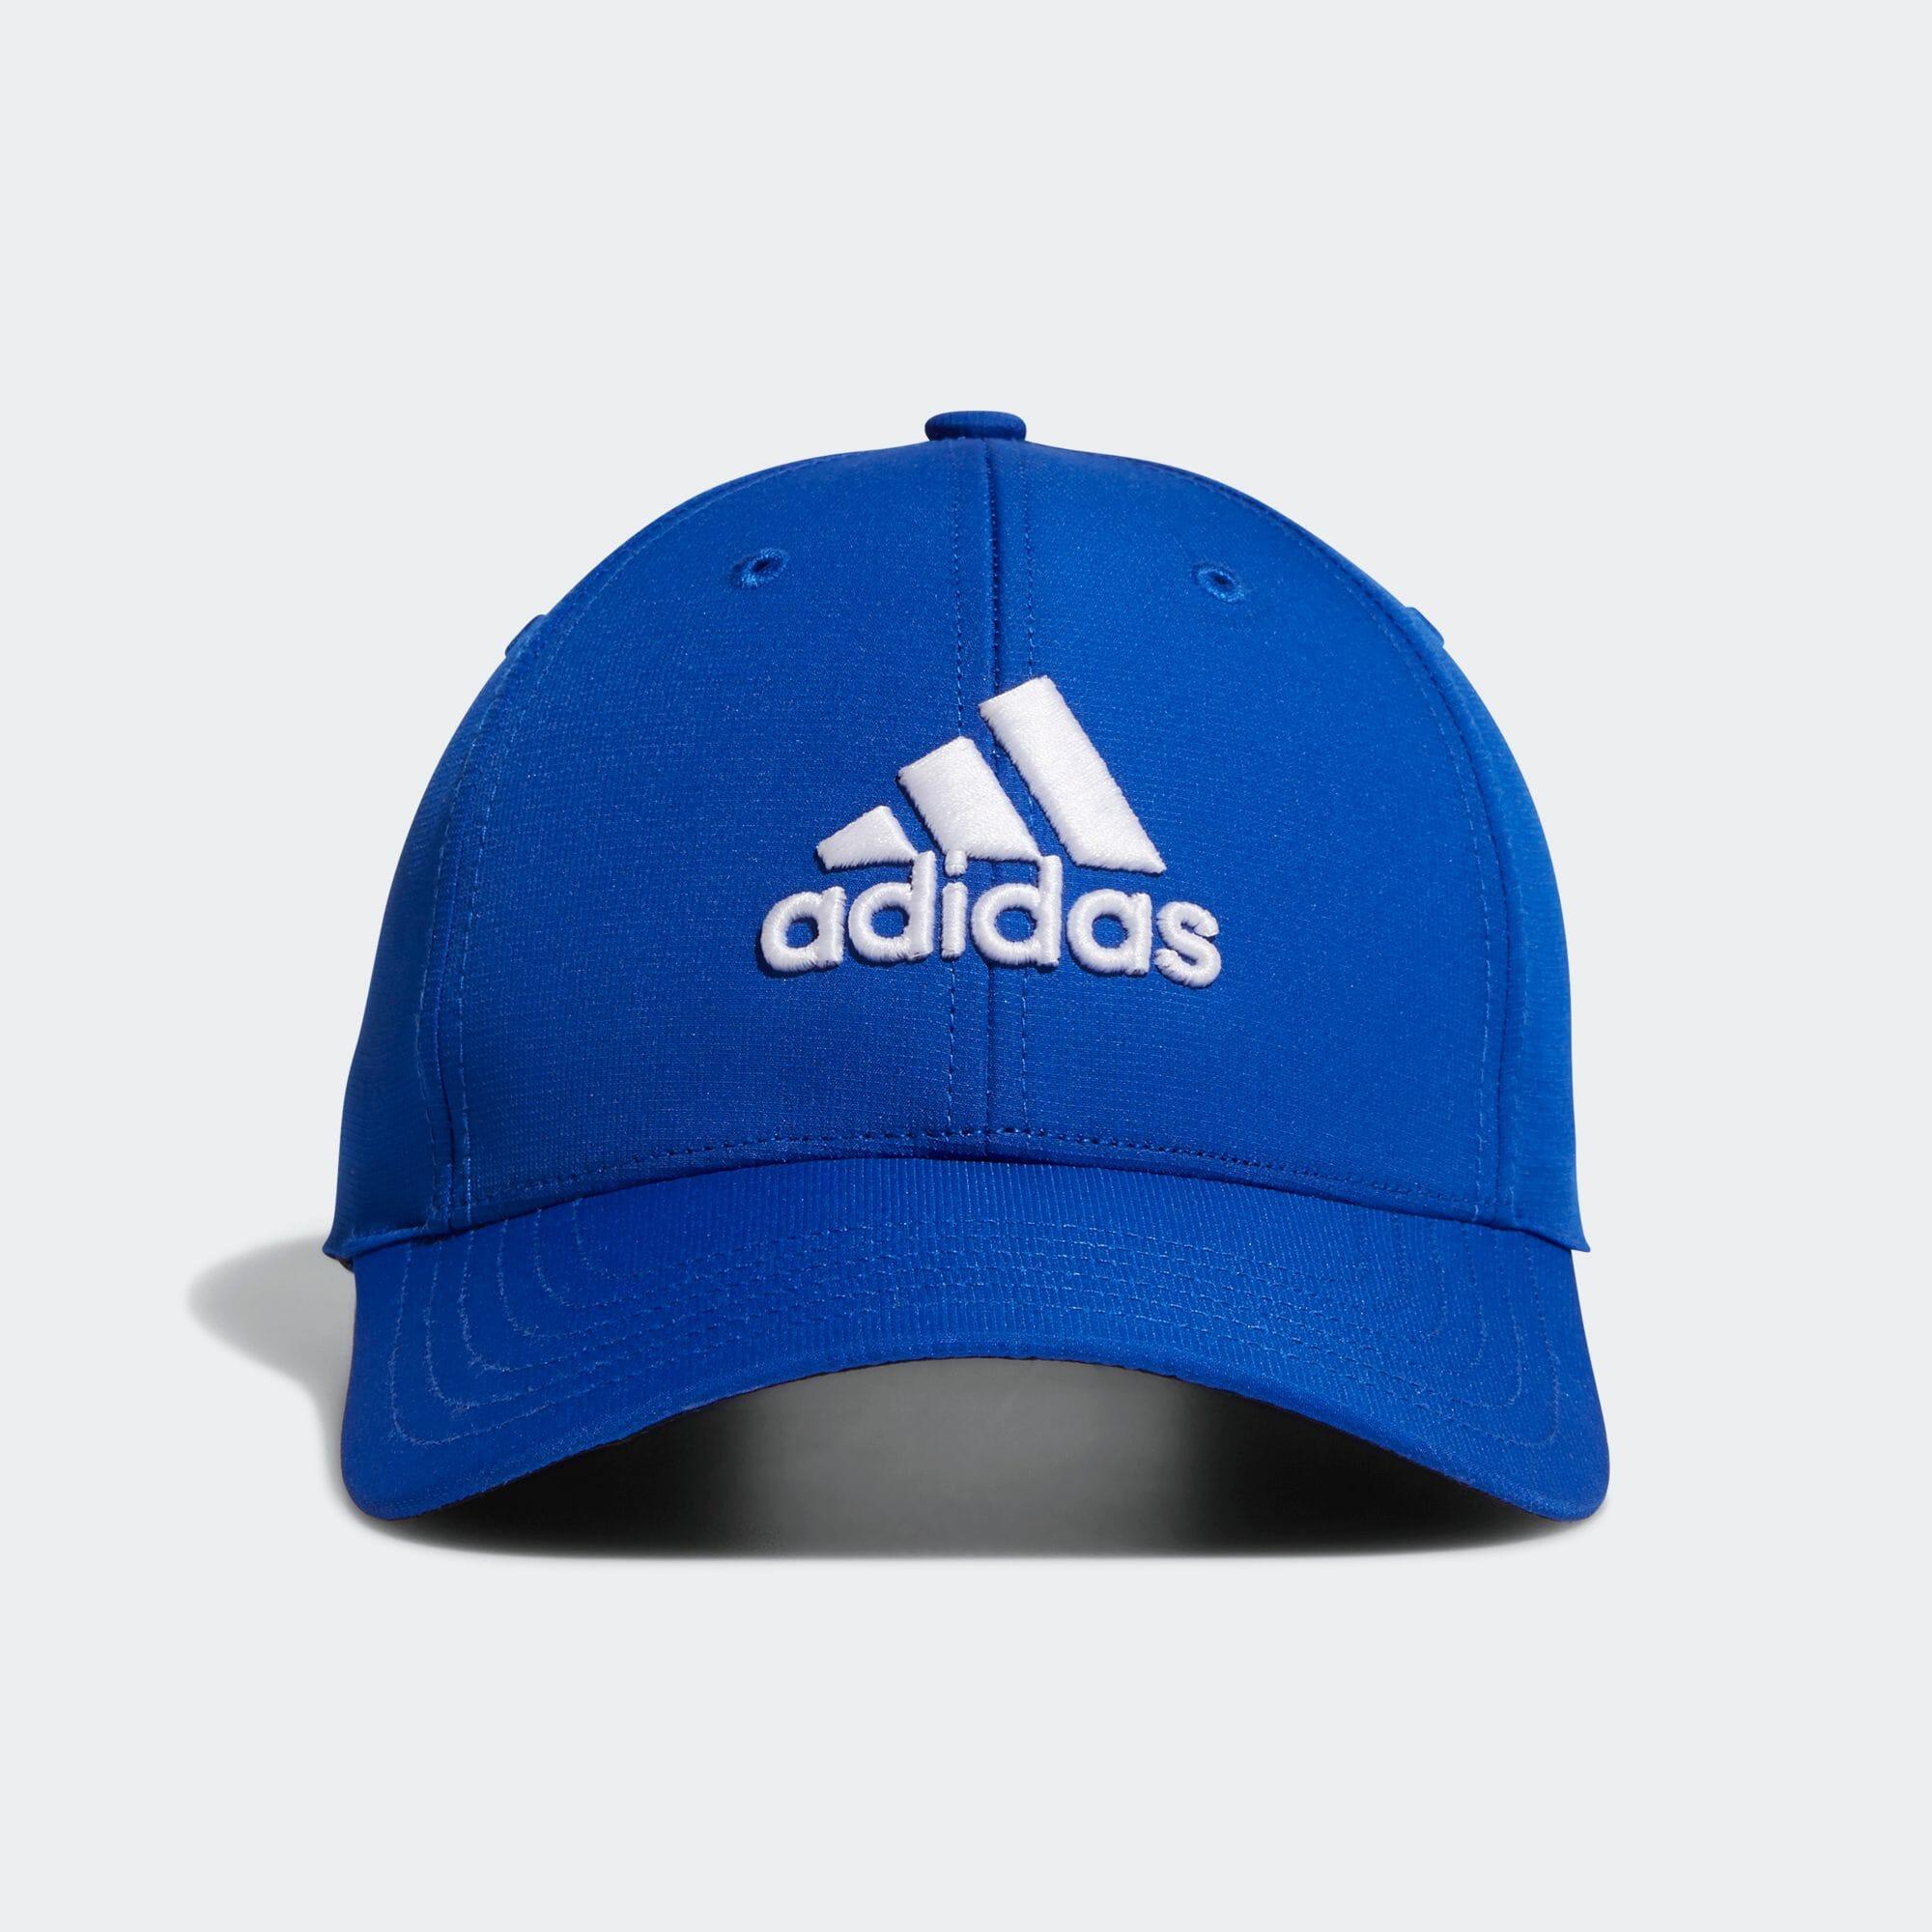 パフォーマンスキャップ 【ゴルフ】/ Performance Hat